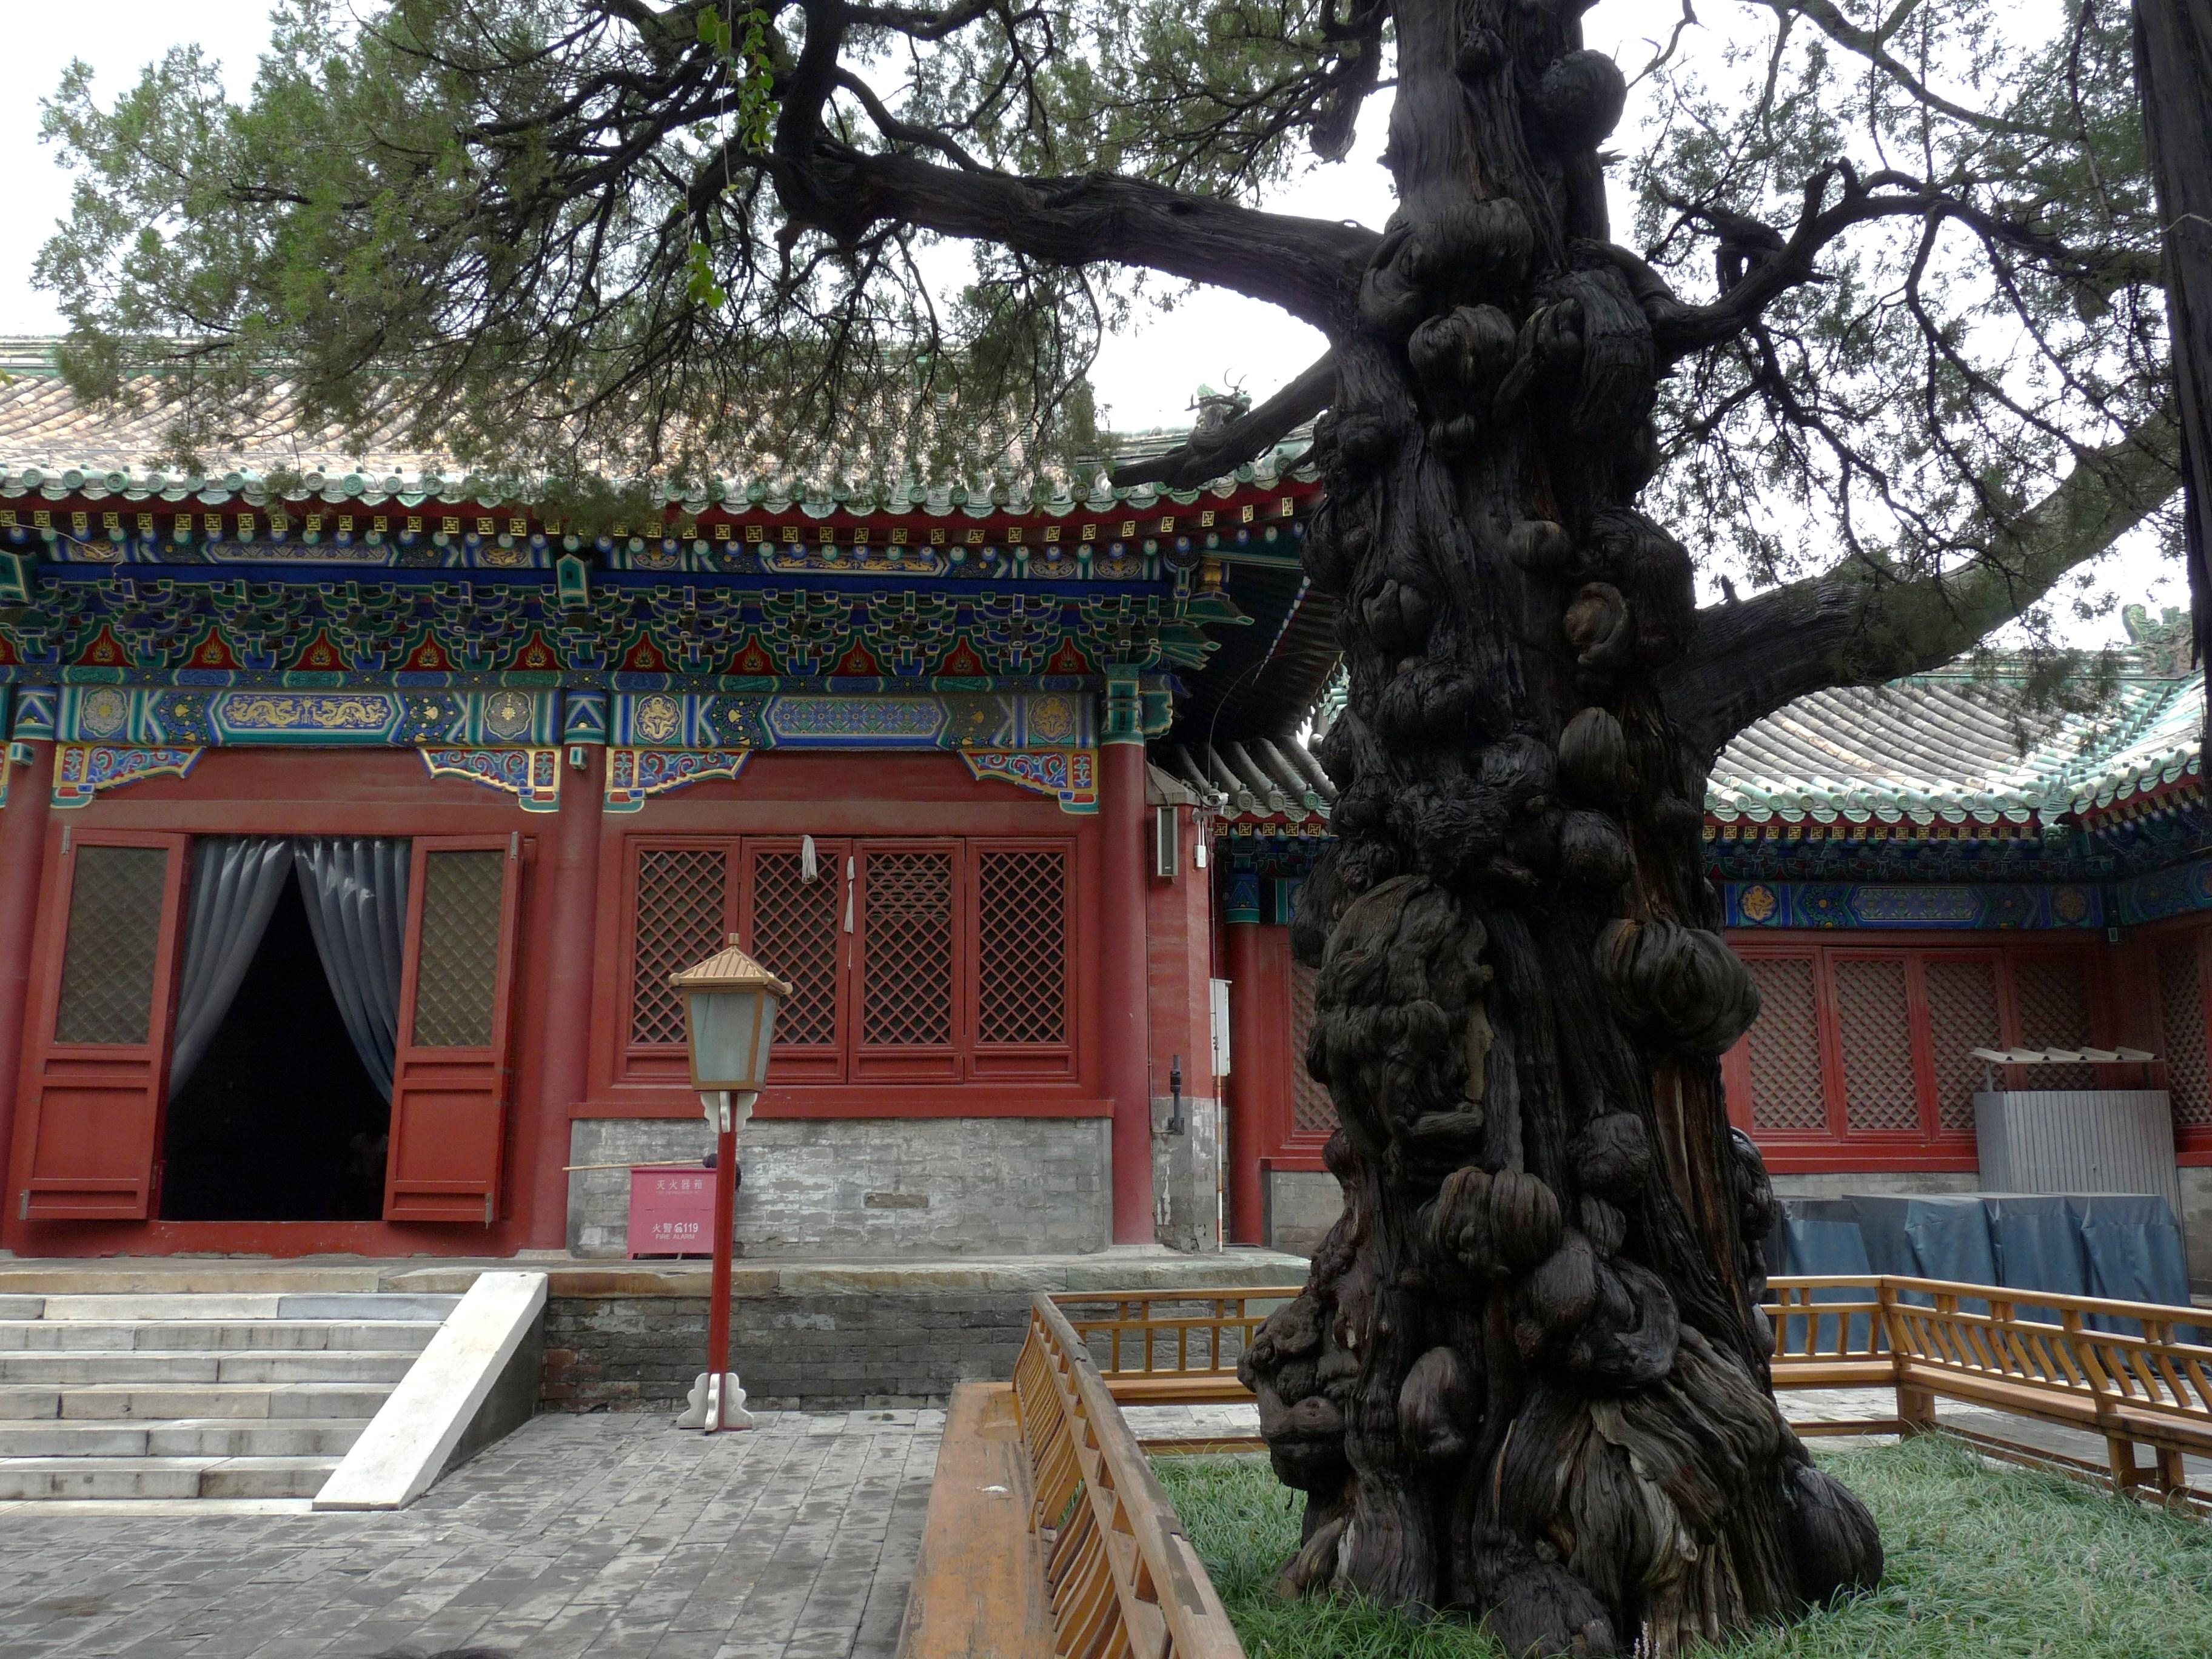 Sigar antiki jsebbhu t-Tempju ta' Konfucju.JPG